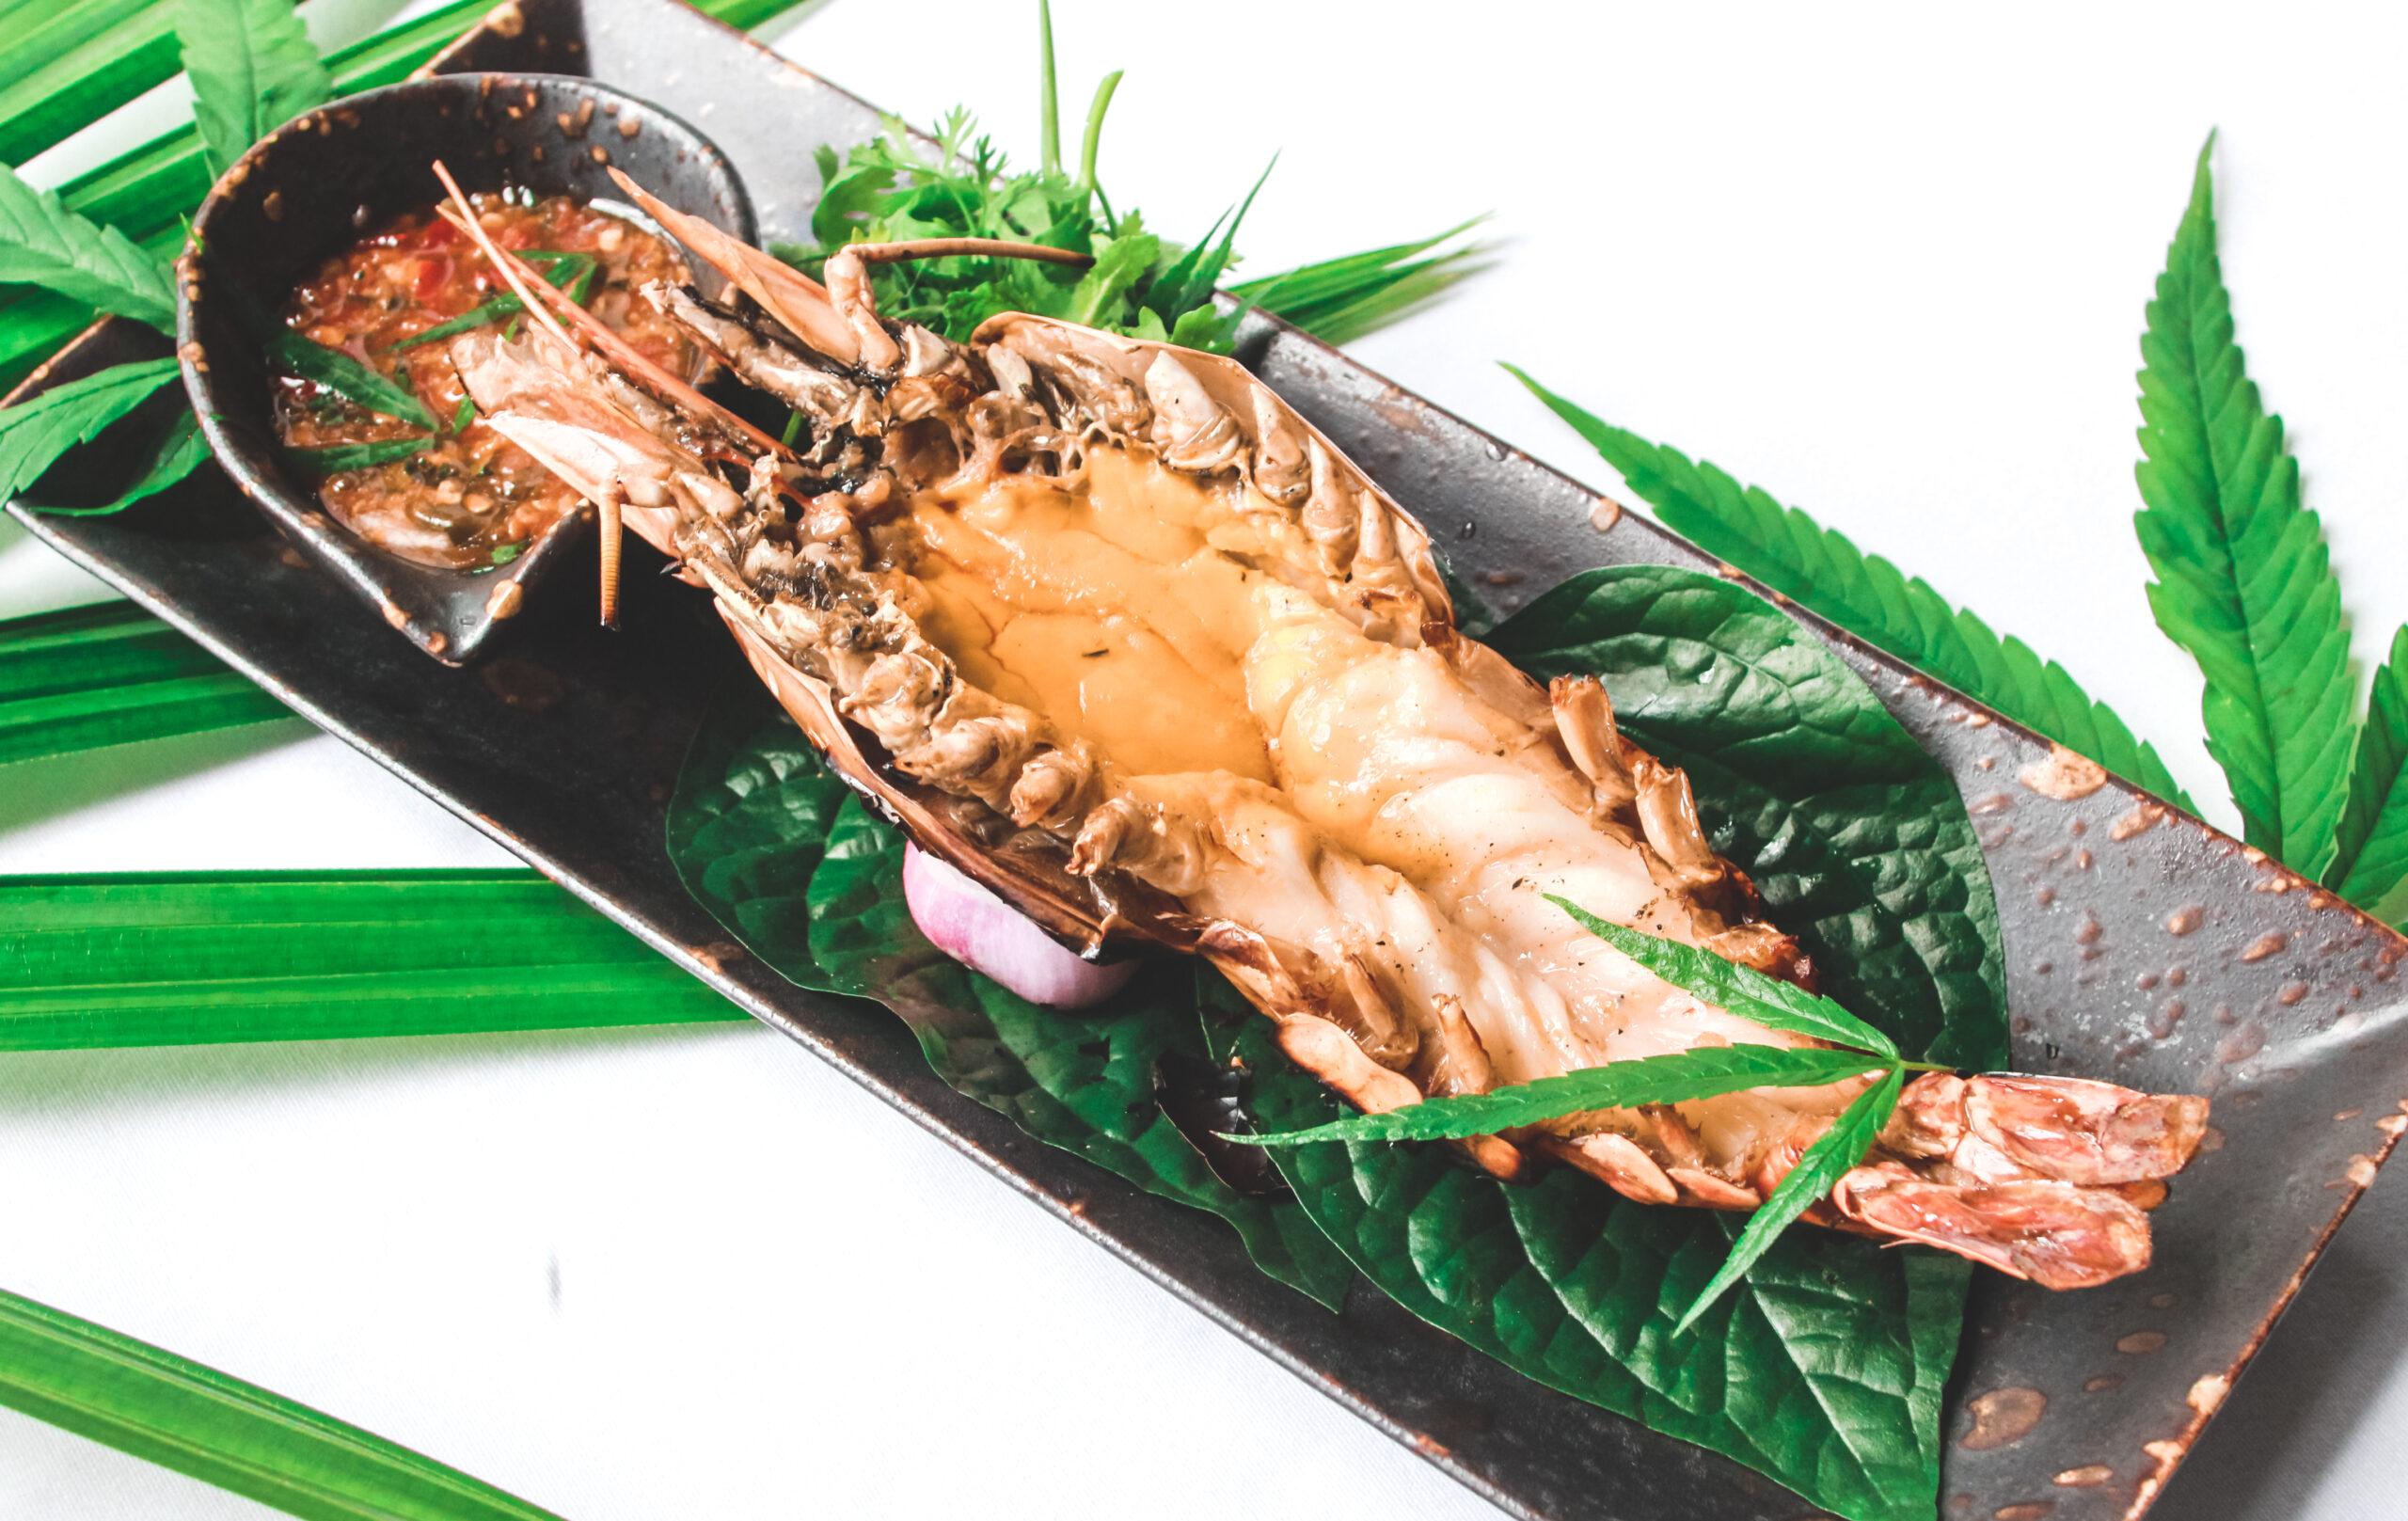 Grilled River Prawn with Spicy Lime Cannabis Sauce scaled Cozinha verde: restaurante tailandês cria menu com infusão de cannabis